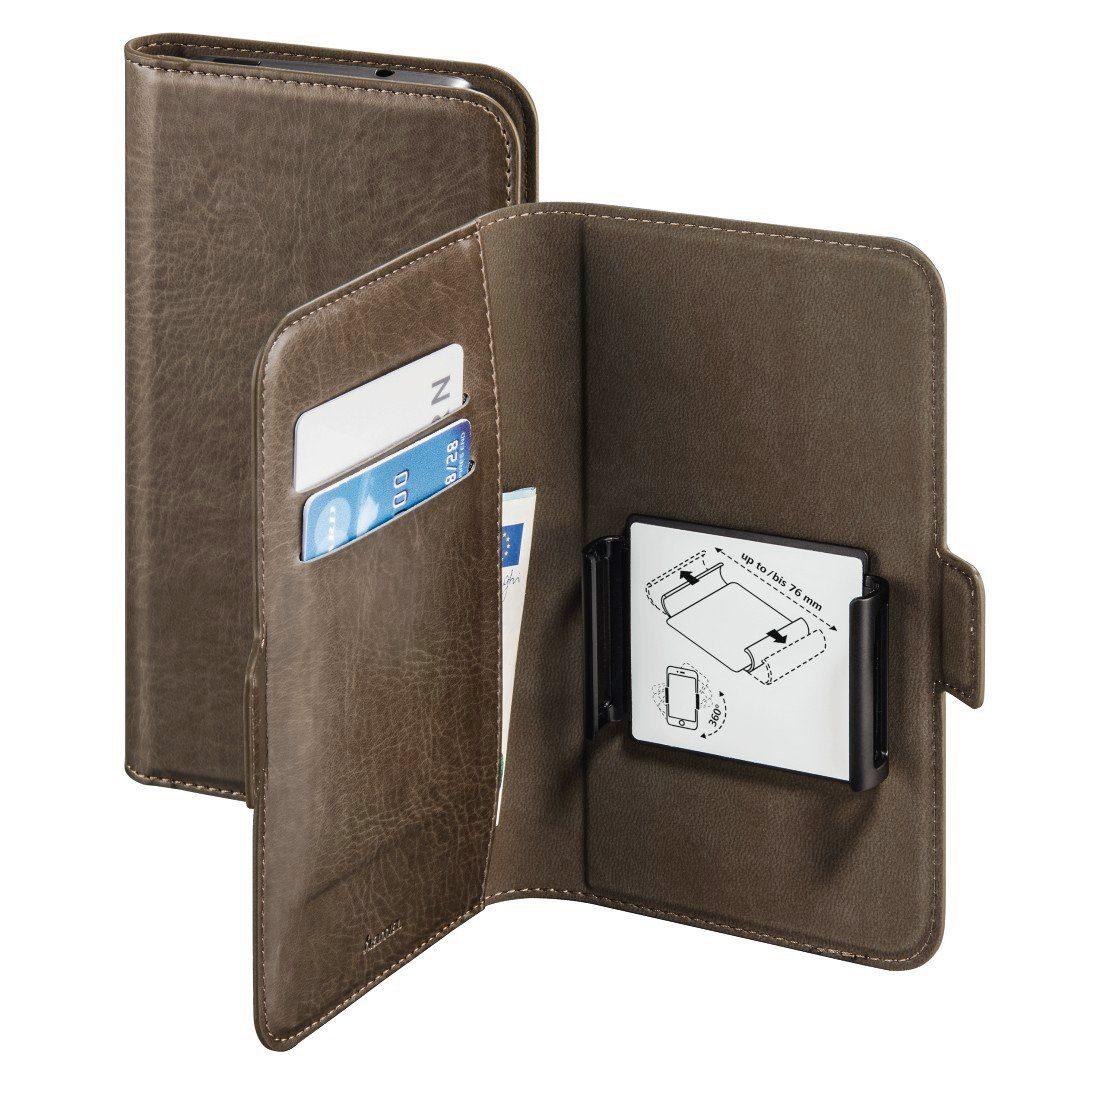 Hama Handytasche Handyhülle universal Tasche Hülle Smart Move »für Handys von 4 - 4,5 Zoll«